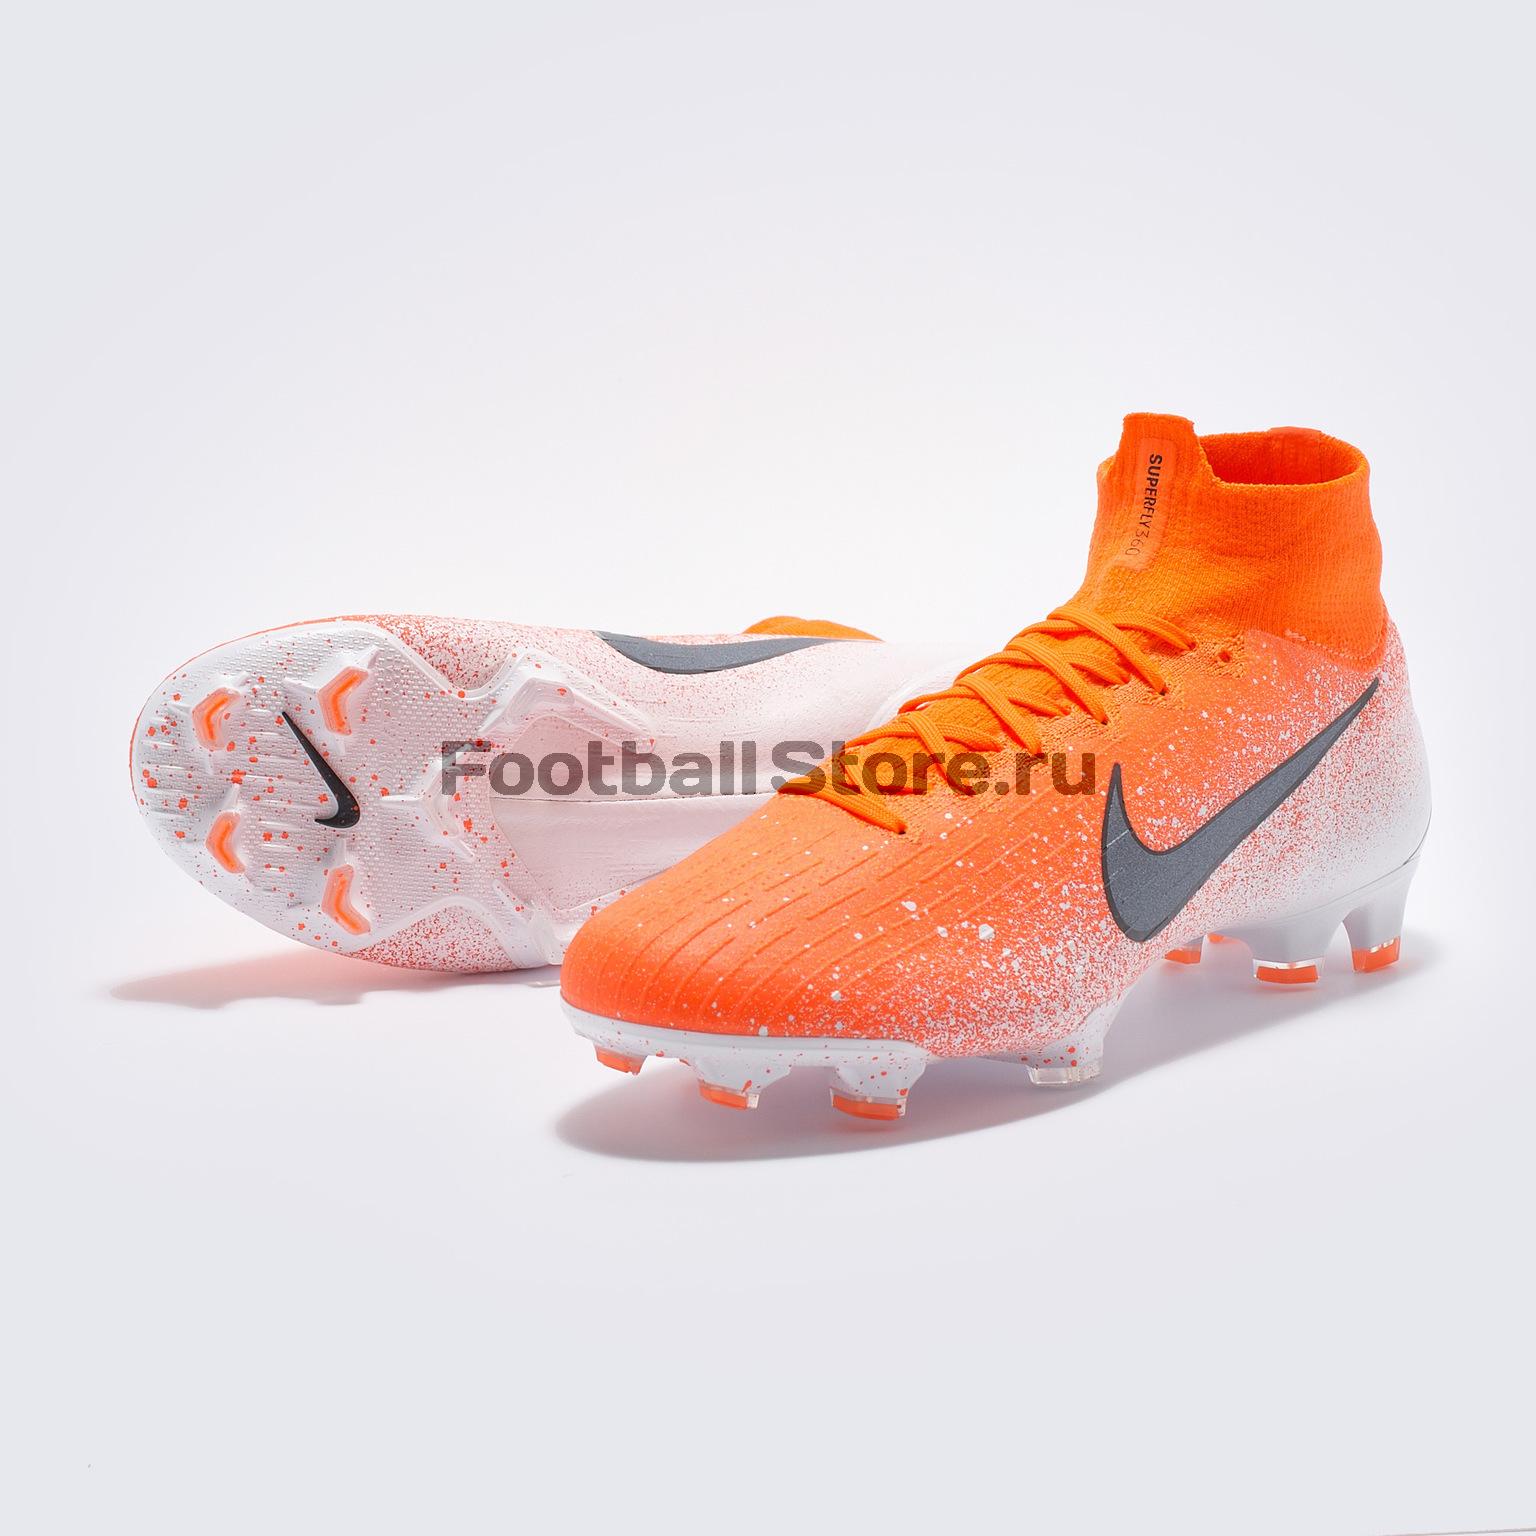 Бутсы Nike Superfly 6 Elite FG AH7365-801 бутсы nike superfly 6 elite fg ah7365 001